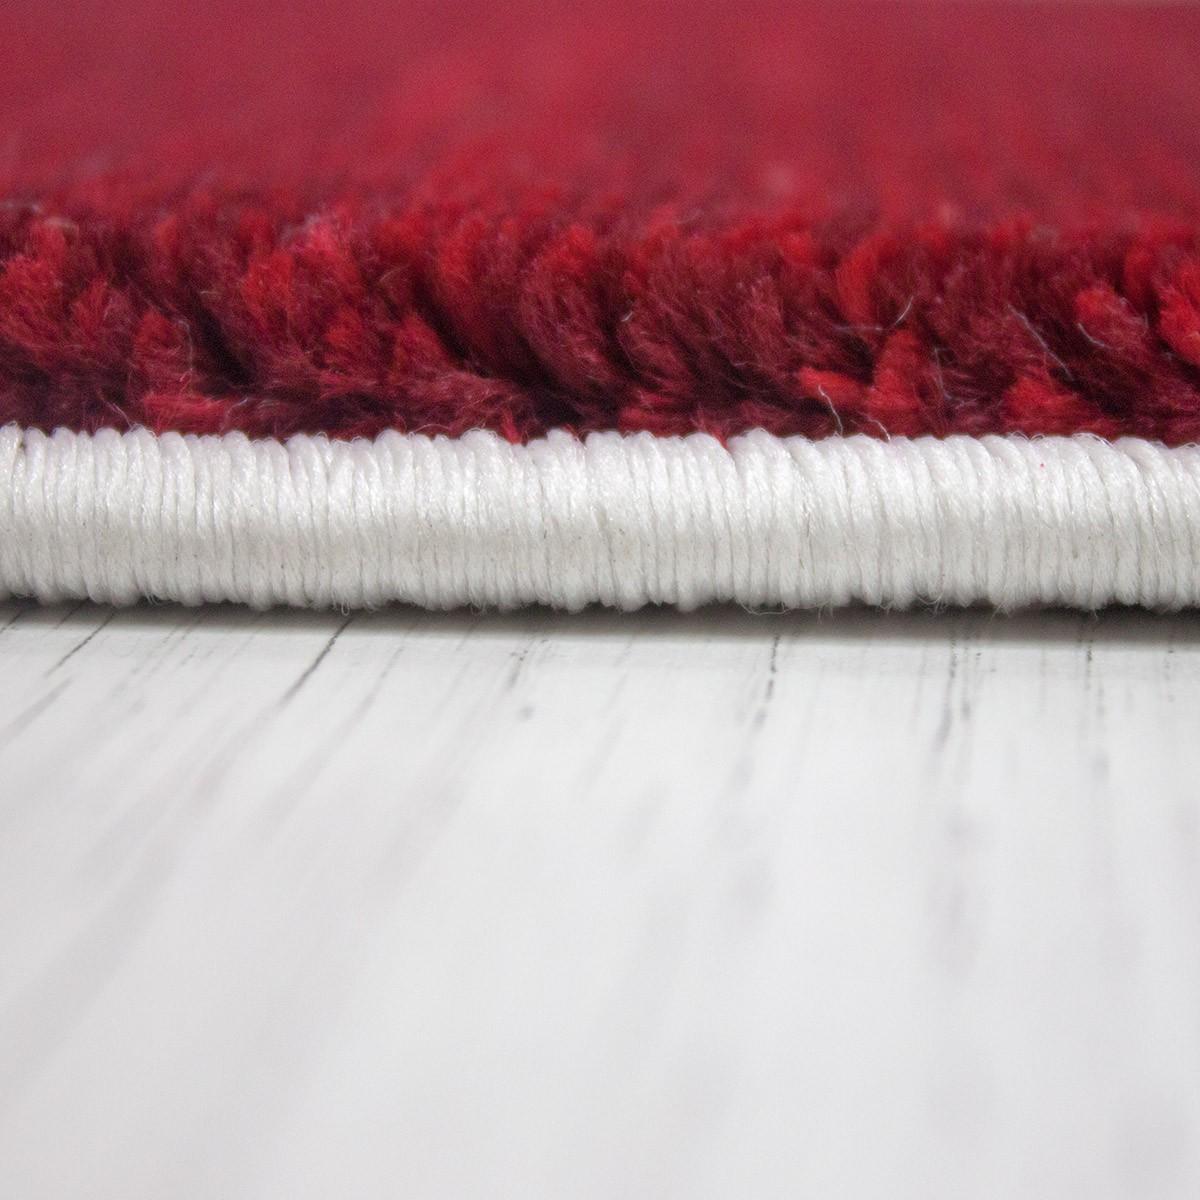 Teppich modern designer klassik kariert meliert in braun